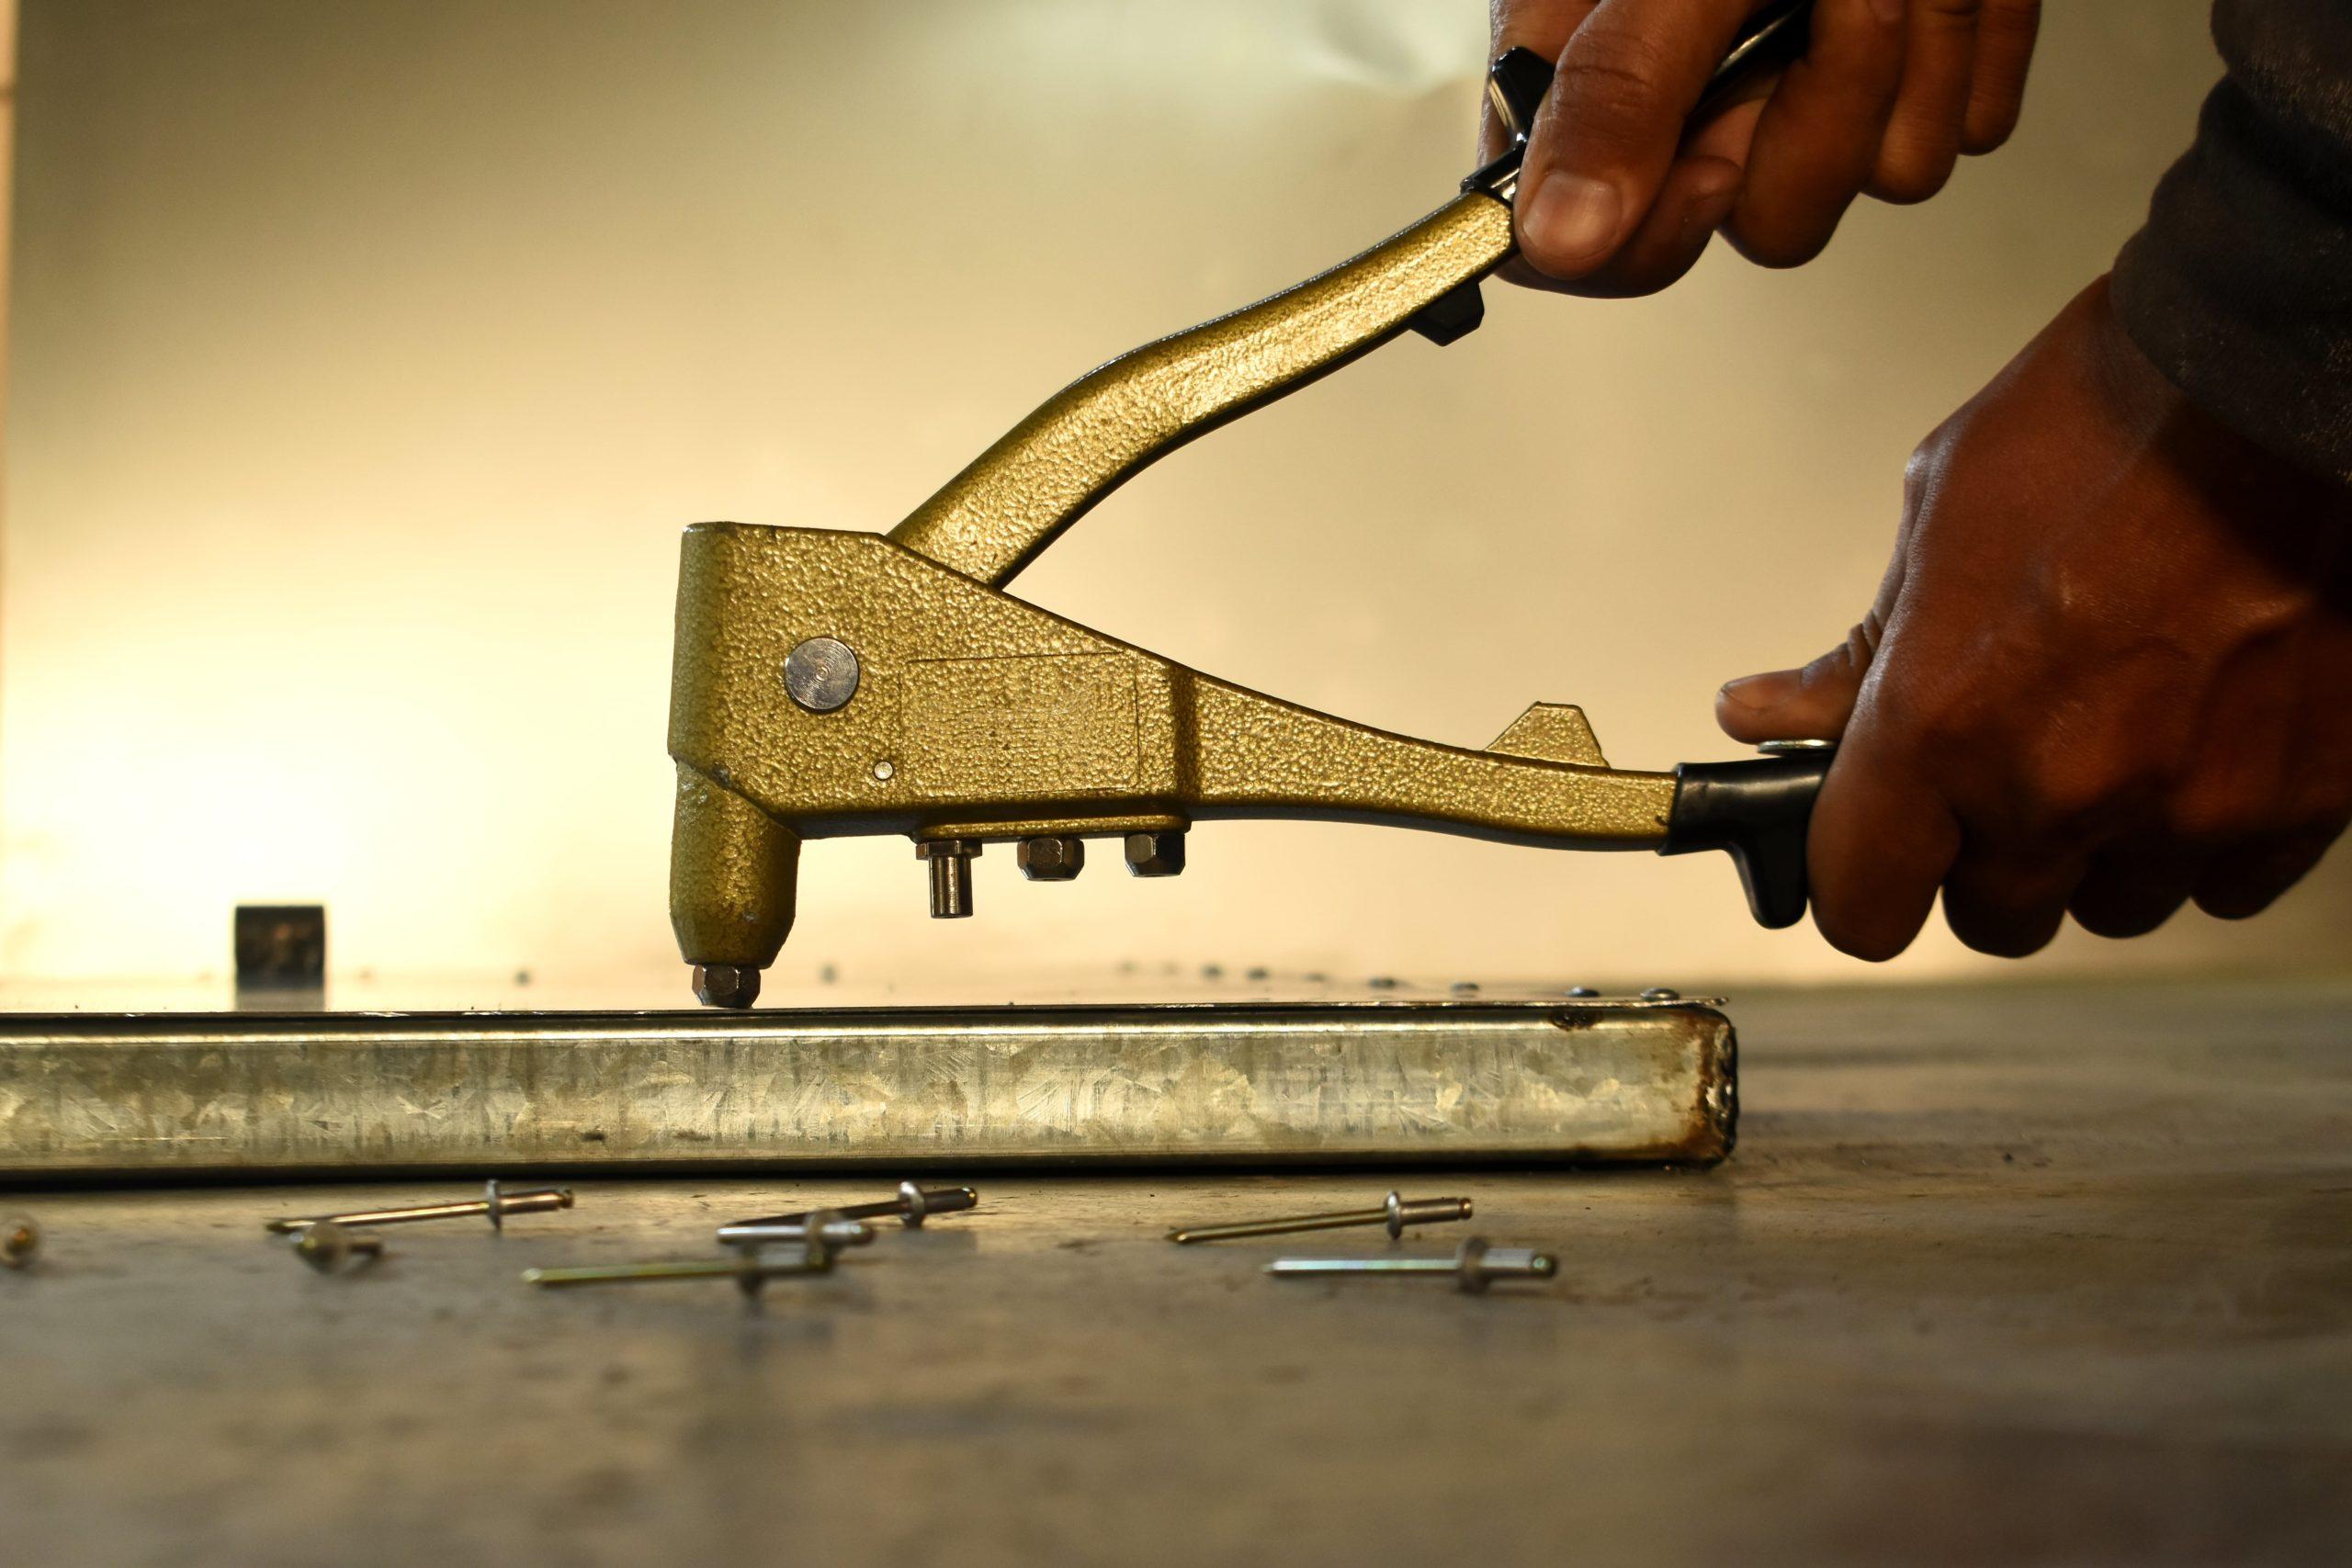 rivet gun being used